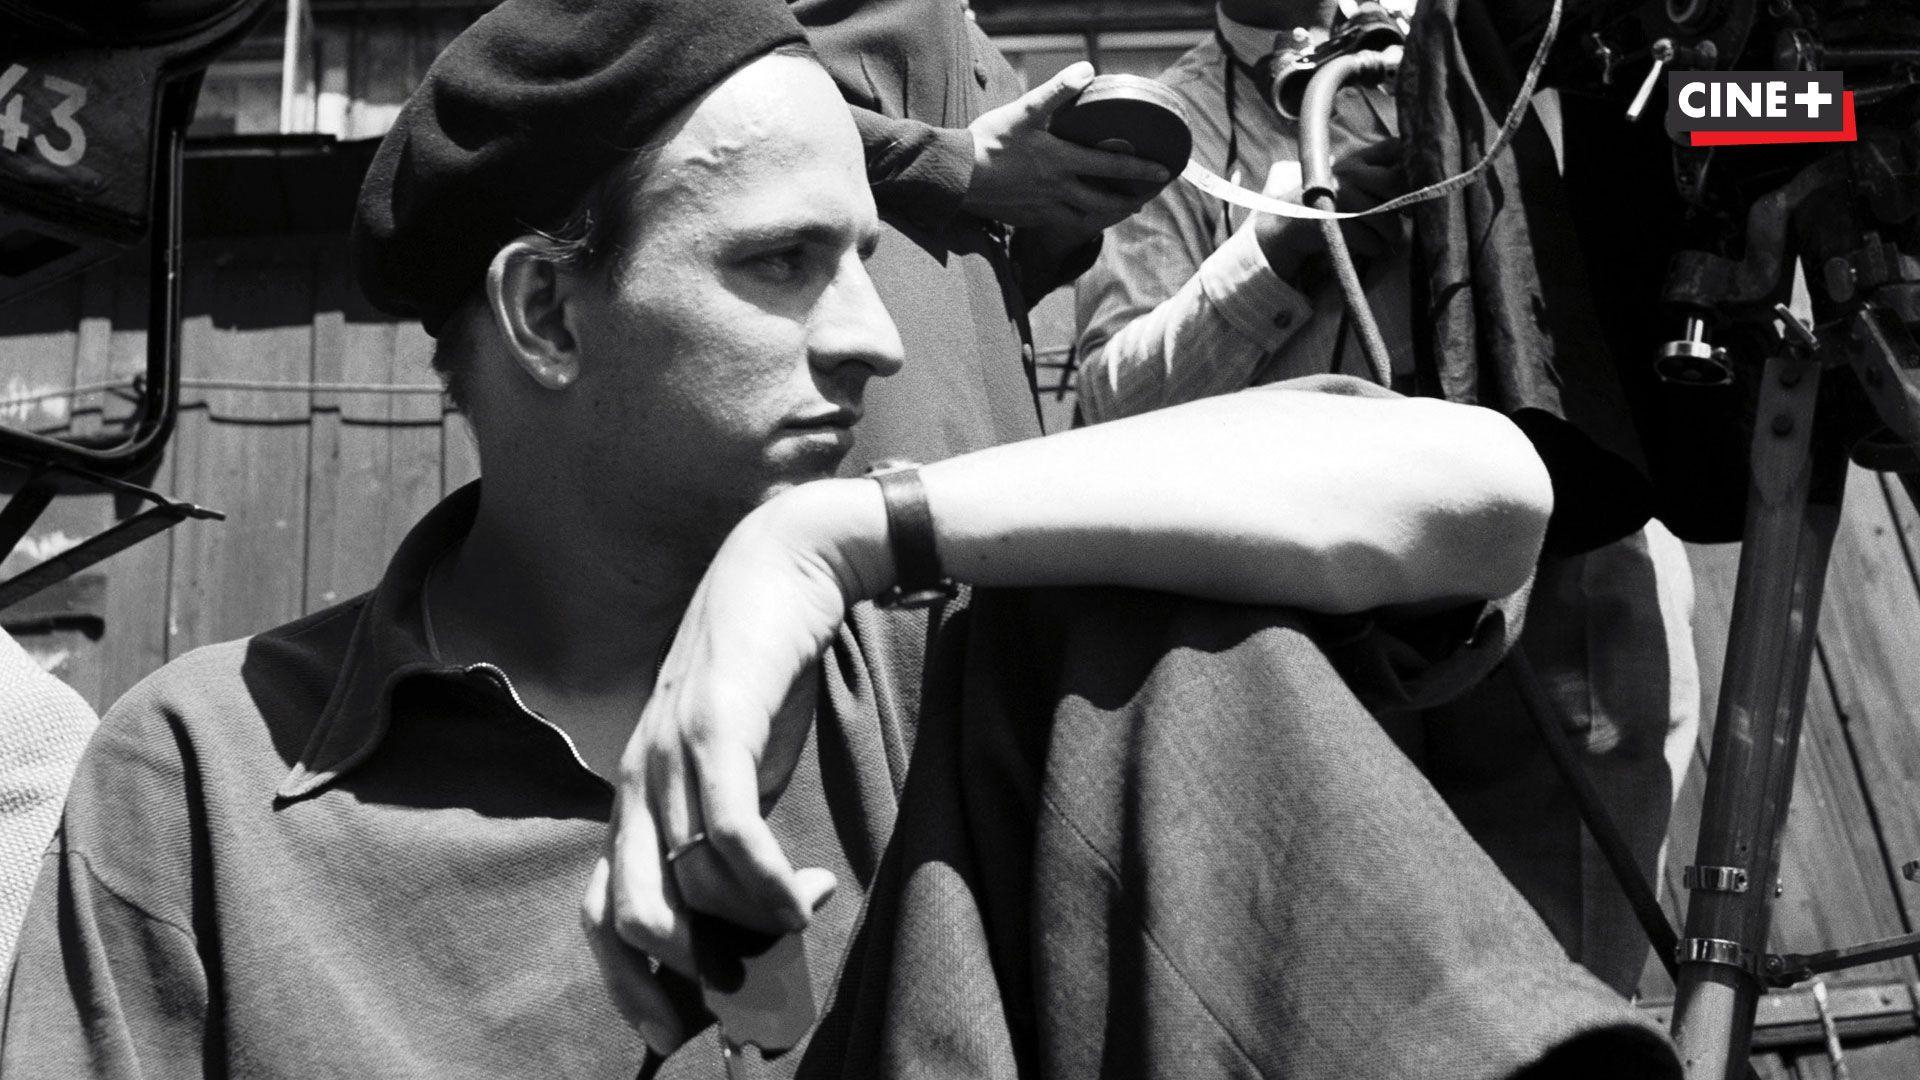 Cycle et chaîne digitale éphémère Ciné+ Bergman